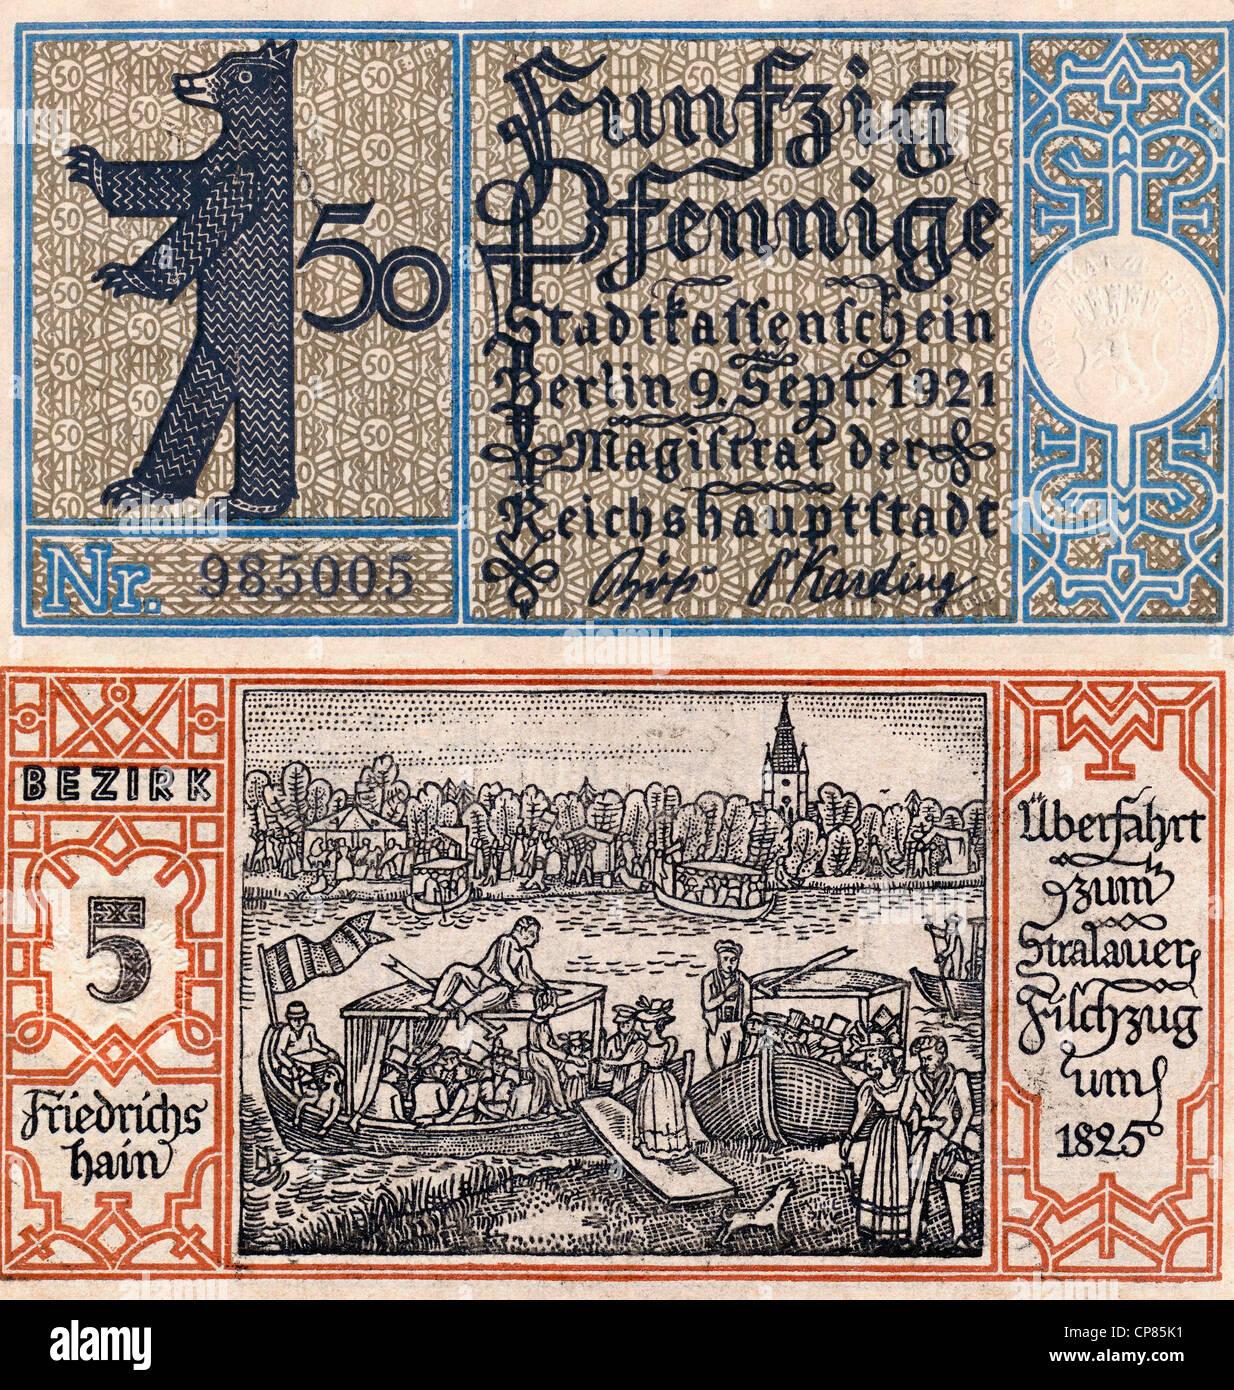 Notgeld aus Berlin Friedrichshain, 1921, 50 Pfennig, Vorder- und Rückseite, Motiv Berliner Bär und Überfahrt - Stock Image